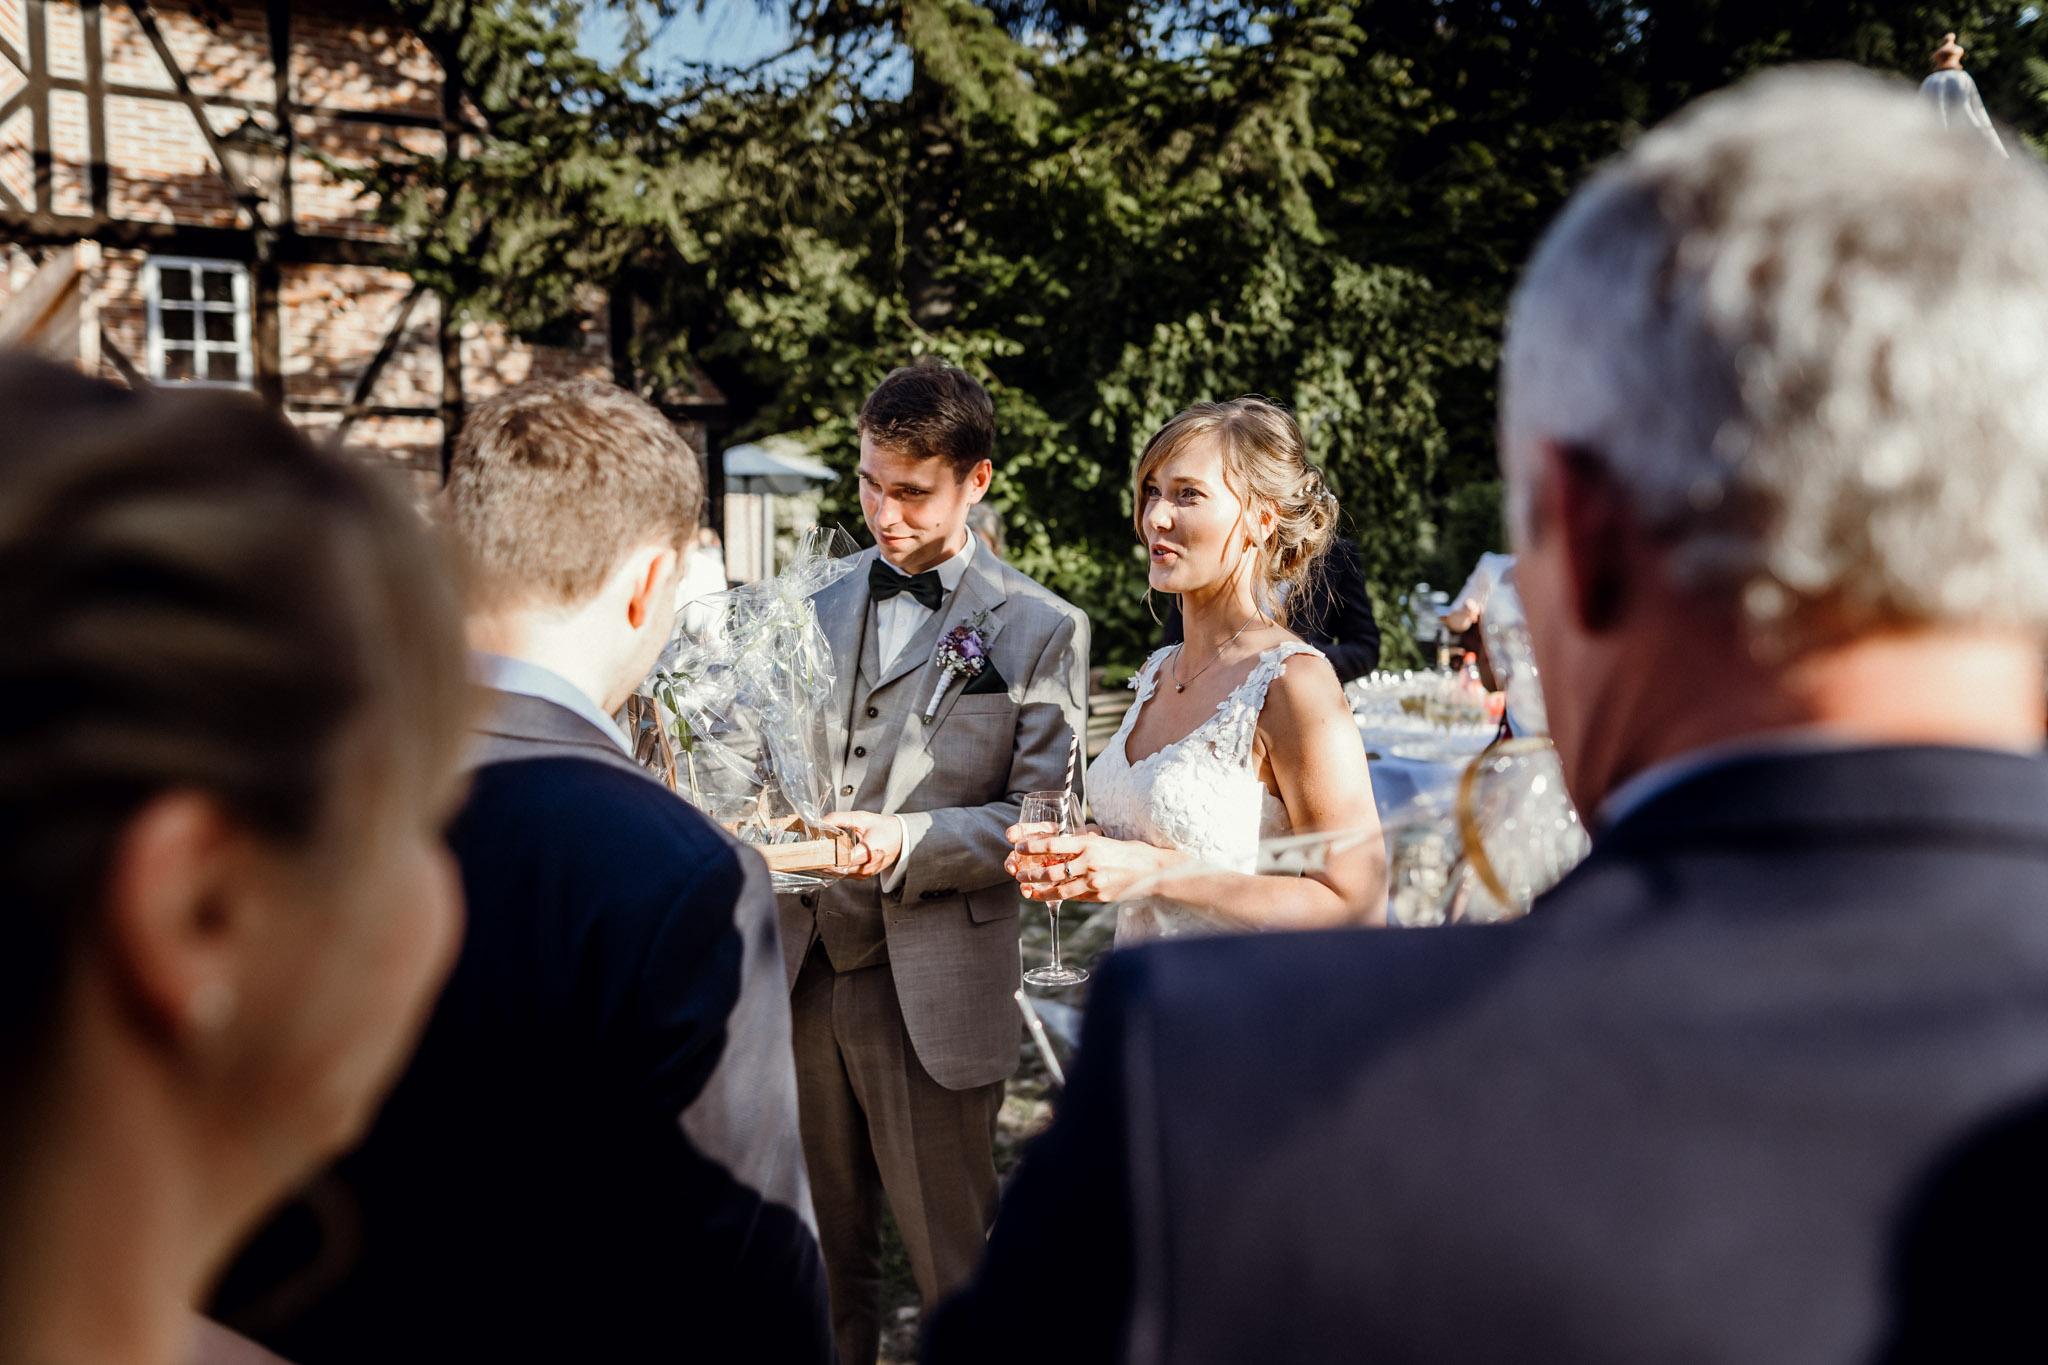 Sven Schomburg Hochzeitsfotografie, Hamburg, Mölln, Hochzeitsfieber by Photo-Schomburg, Hochzeitsreportage, Forsthaus Waldhusen, Braut, Bräutigam-63